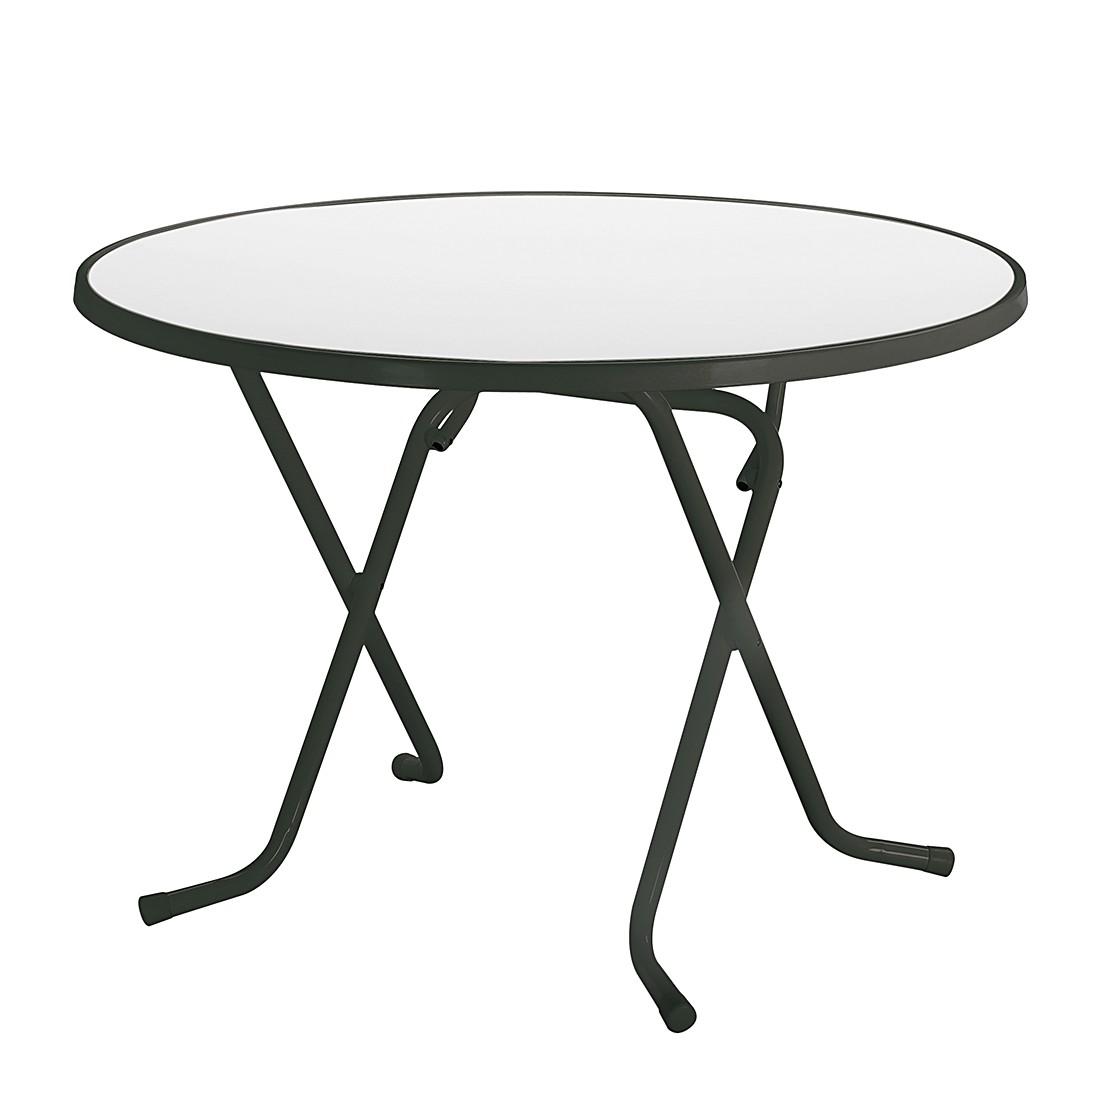 Klapptisch Primo - Stahlrohr Anthrazit - Ø 100 cm, Best Freizeitmöbel